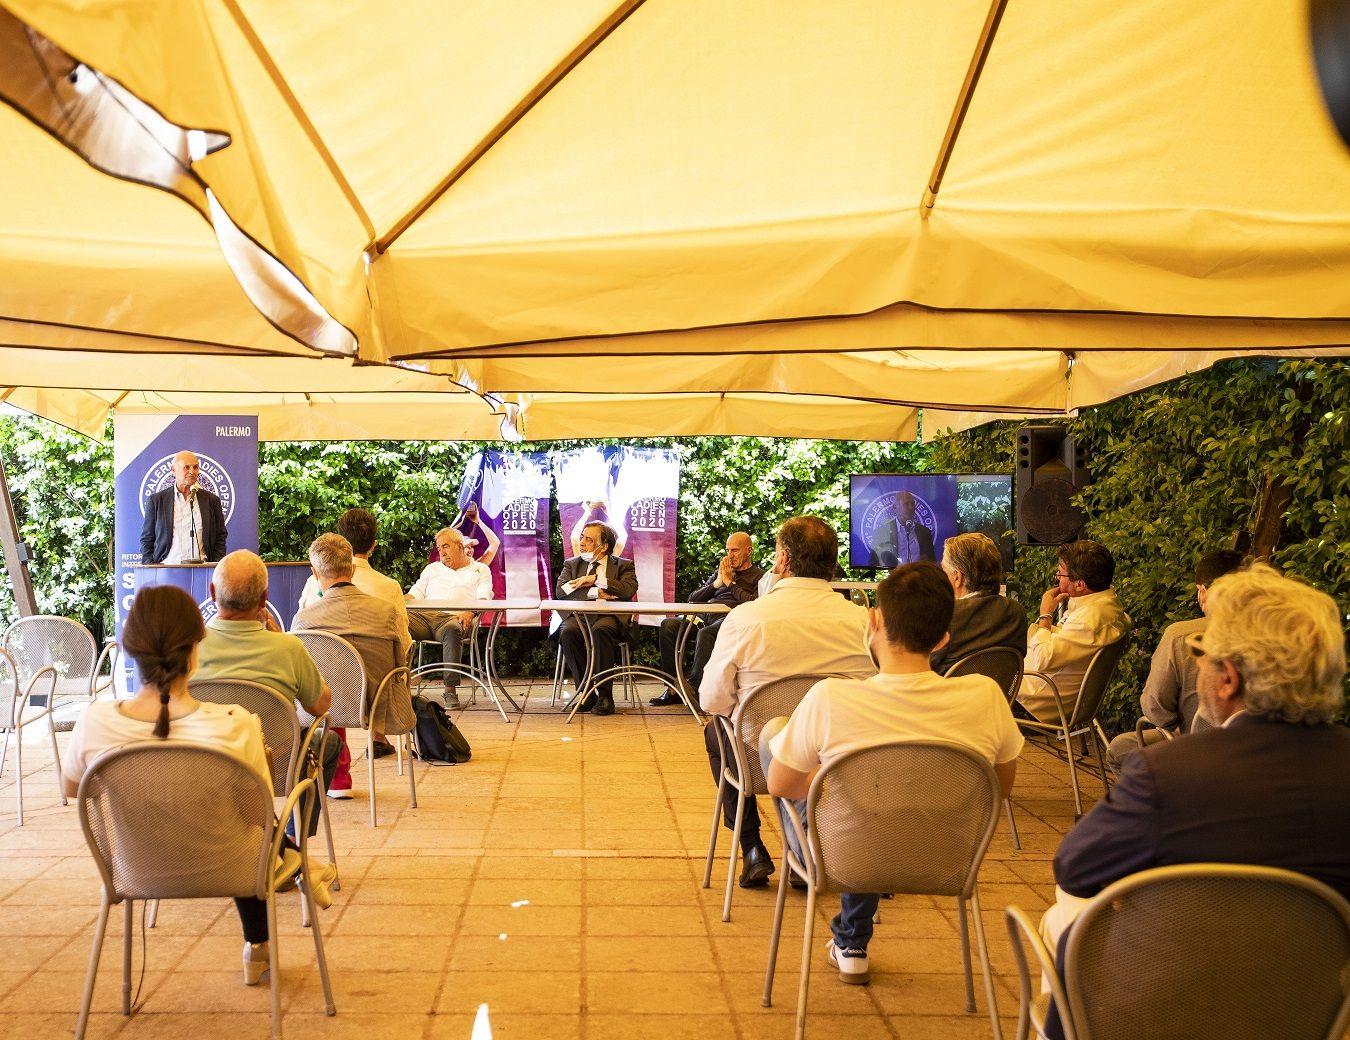 La conferenza stampa dal torneo WTA di Palermo: Rimane un torneo International ma si punta ad avere almeno due top ten in campo